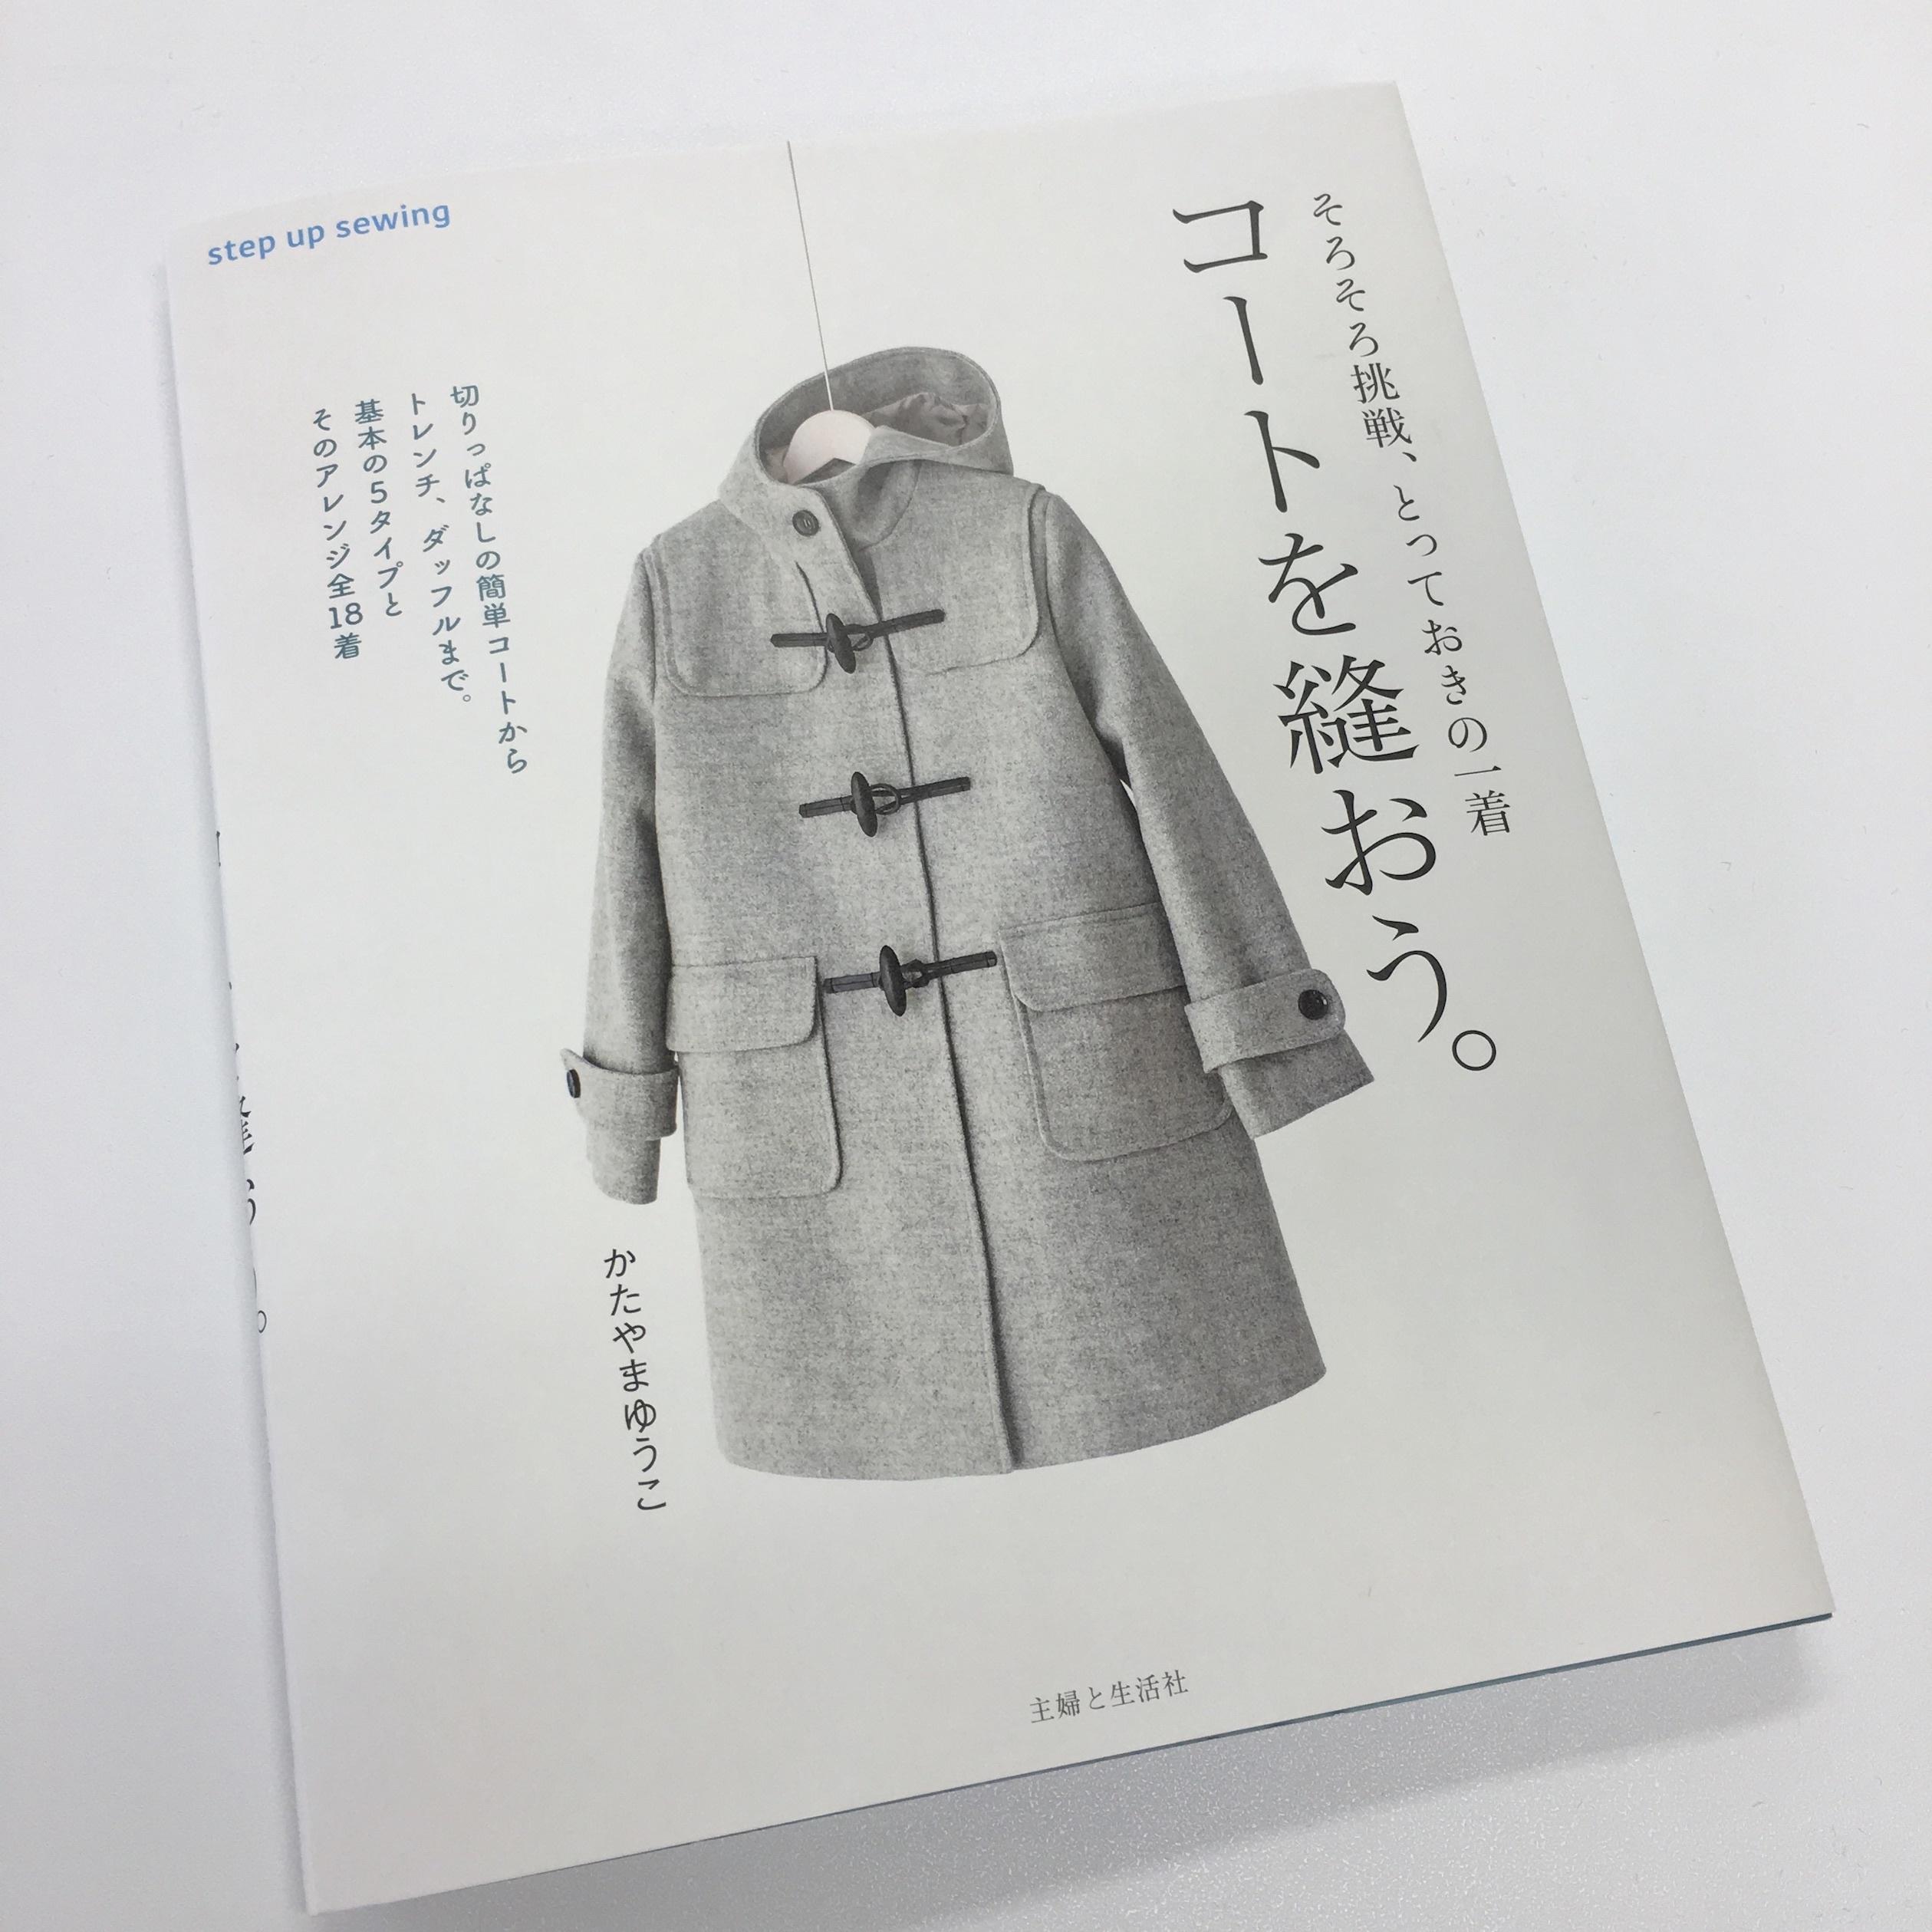 コートを縫おう。 D-1の型紙